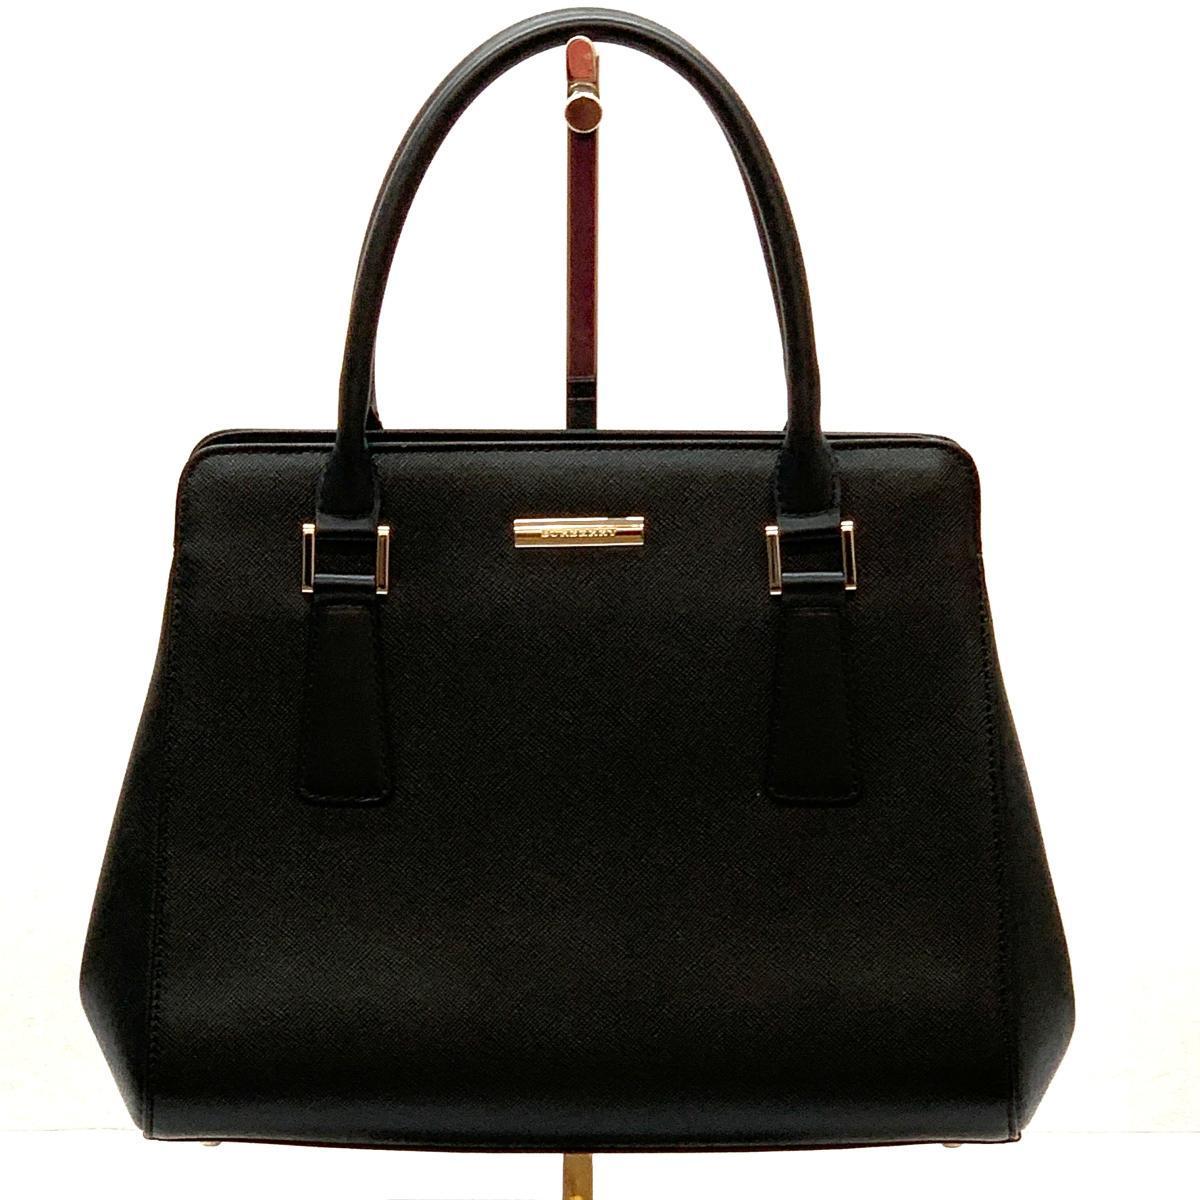 ◆ BURBRRY Burberry Handbag Inner Nova Check Leather ◆ black / Black / Black / Bag / Ladies / JY1013 Burberry & Bag, Bag & Handbag